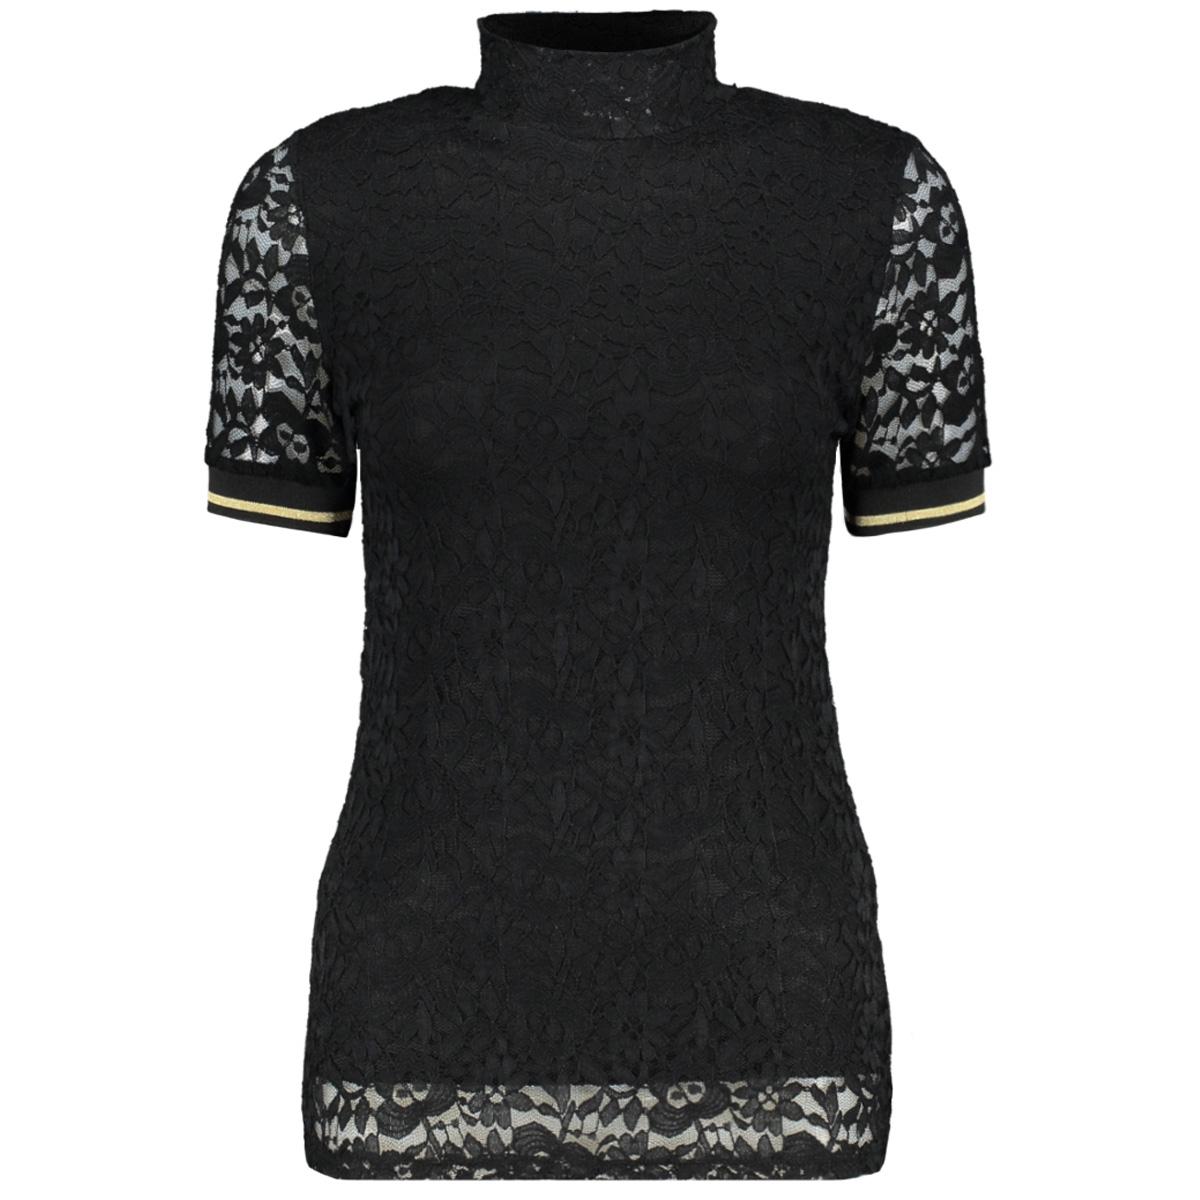 8389 emilly top kant luba t-shirt zwart